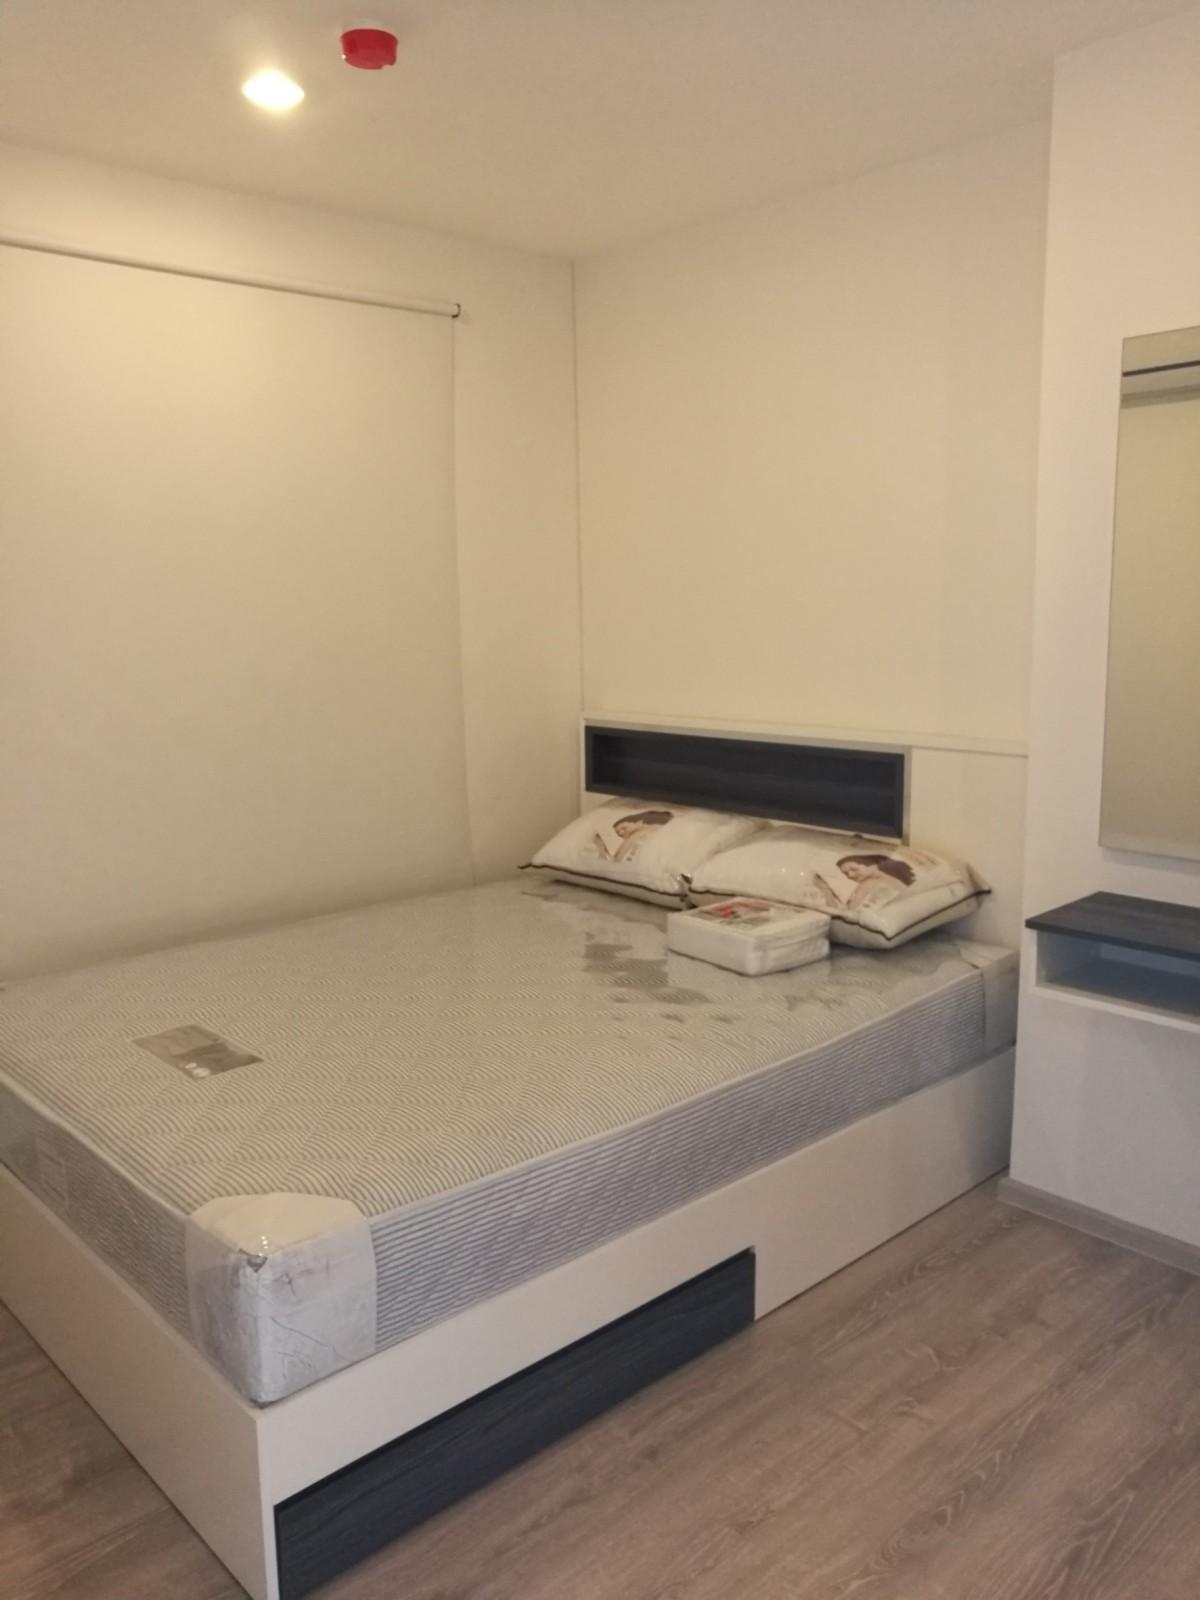 รูปของประกาศเช่าคอนโดชีวาทัย เพชรเกษม 27 (Chewathai Phetkasem 27)(1 ห้องนอน)(1)